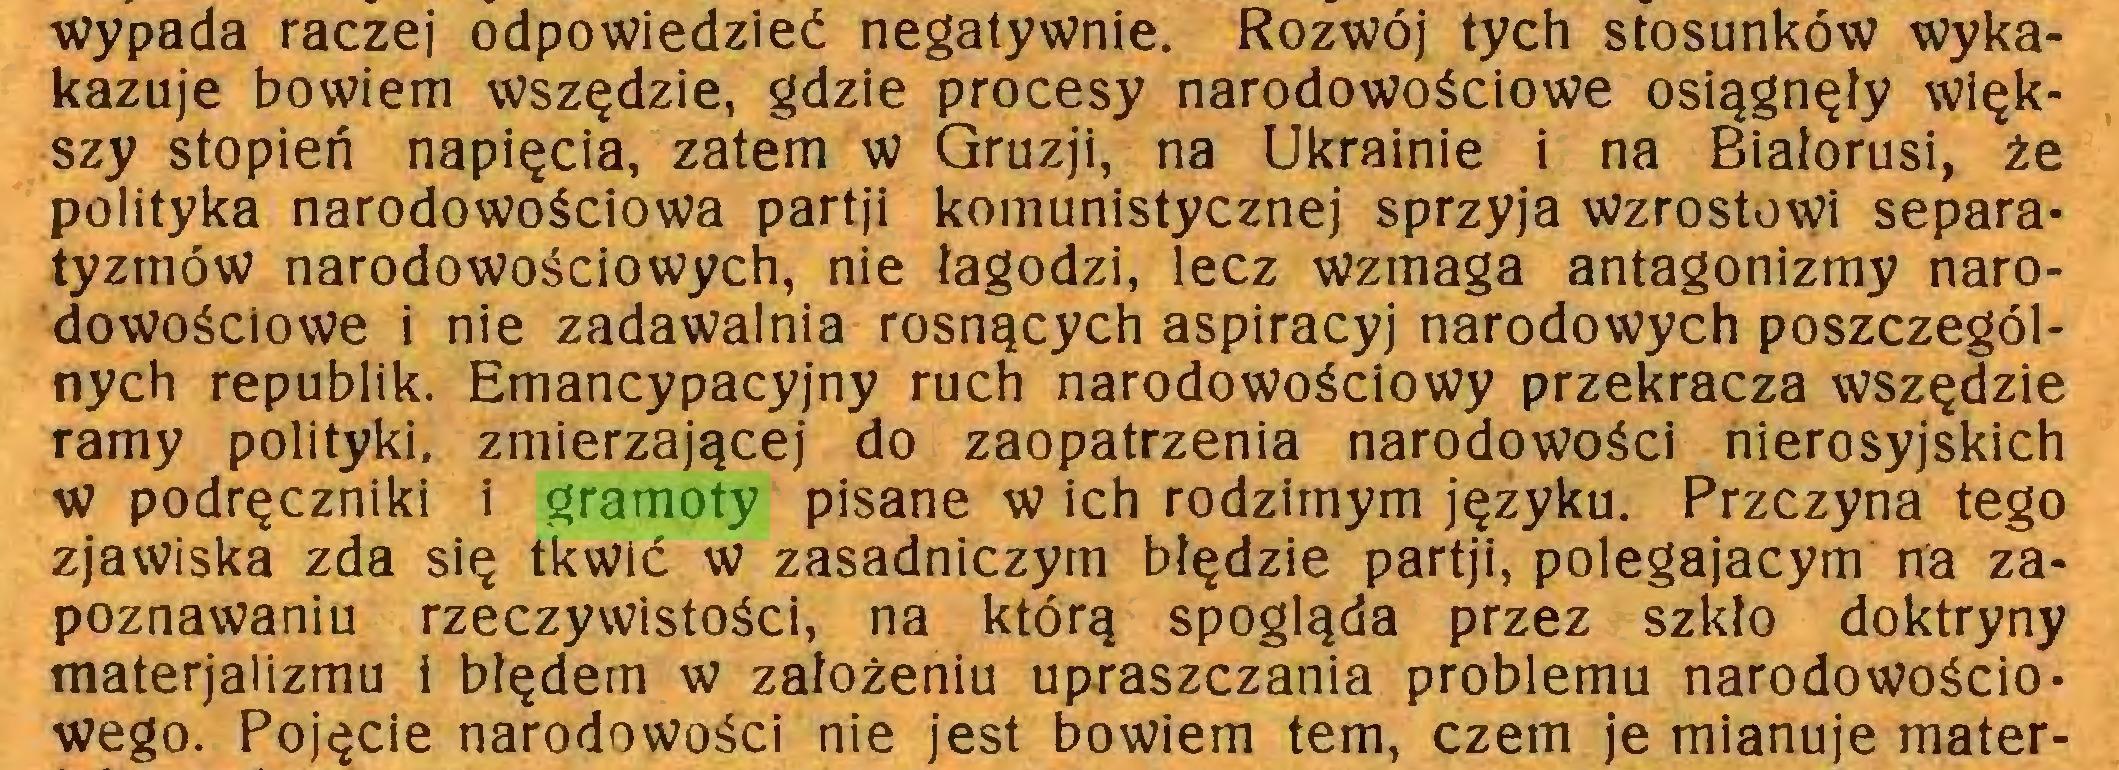 (...) wypada raczej odpowiedzieć negatywnie. Rozwój tych stosunków wykakazuje bowiem wszędzie, gdzie procesy narodowościowe osiągnęły większy stopień napięcia, zatem w Gruzji, na Ukrainie i na Białorusi, że polityka narodowościowa partji komunistycznej sprzyja wzrostowi separatyzmów narodowościowych, nie łagodzi, lecz wzmaga antagonizmy narodowościowe i nie zadawalnia rosnących aspiracyj narodowych poszczególnych republik. Emancypacyjny ruch narodowościowy przekracza wszędzie ramy polityki, zmierzającej do zaopatrzenia narodowości nierosyjskich w podręczniki i gramoty pisane w ich rodzimym języku. Przczyna tego zjawiska zda się tkwić w zasadniczym błędzie partji, polegającym na zapoznawaniu rzeczywistości, na którą spogląda przez szkło doktryny materjalizmu i błędem w założeniu upraszczania problemu narodowościowego. Pojęcie narodowości nie jest bowiem tern, czem je mianuje mater...